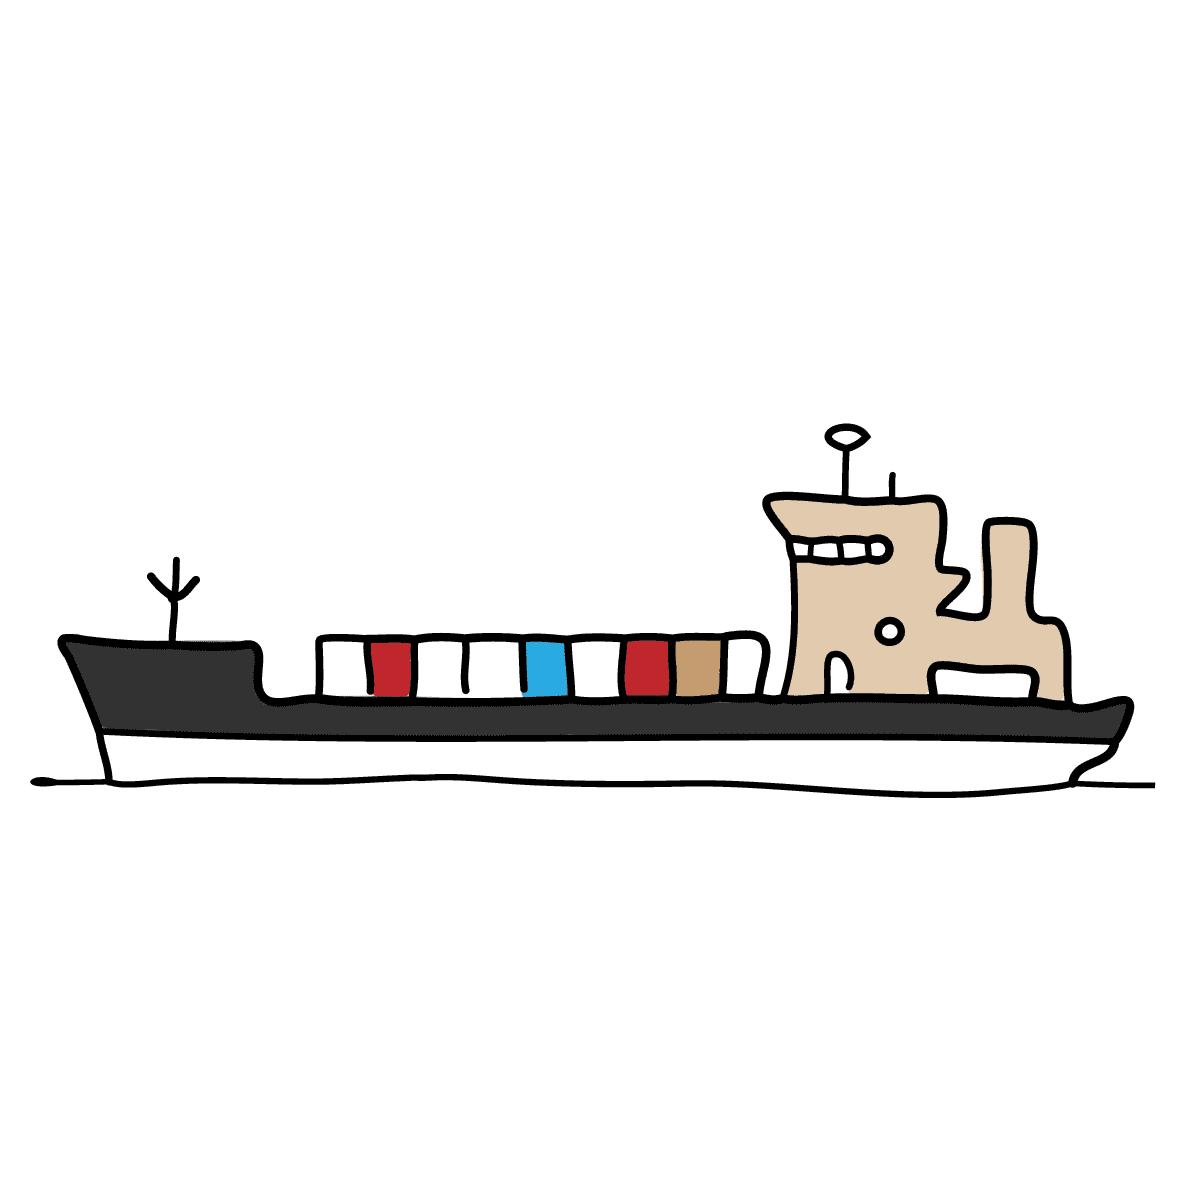 Desenho para colorir - uma barcaça de carga seca